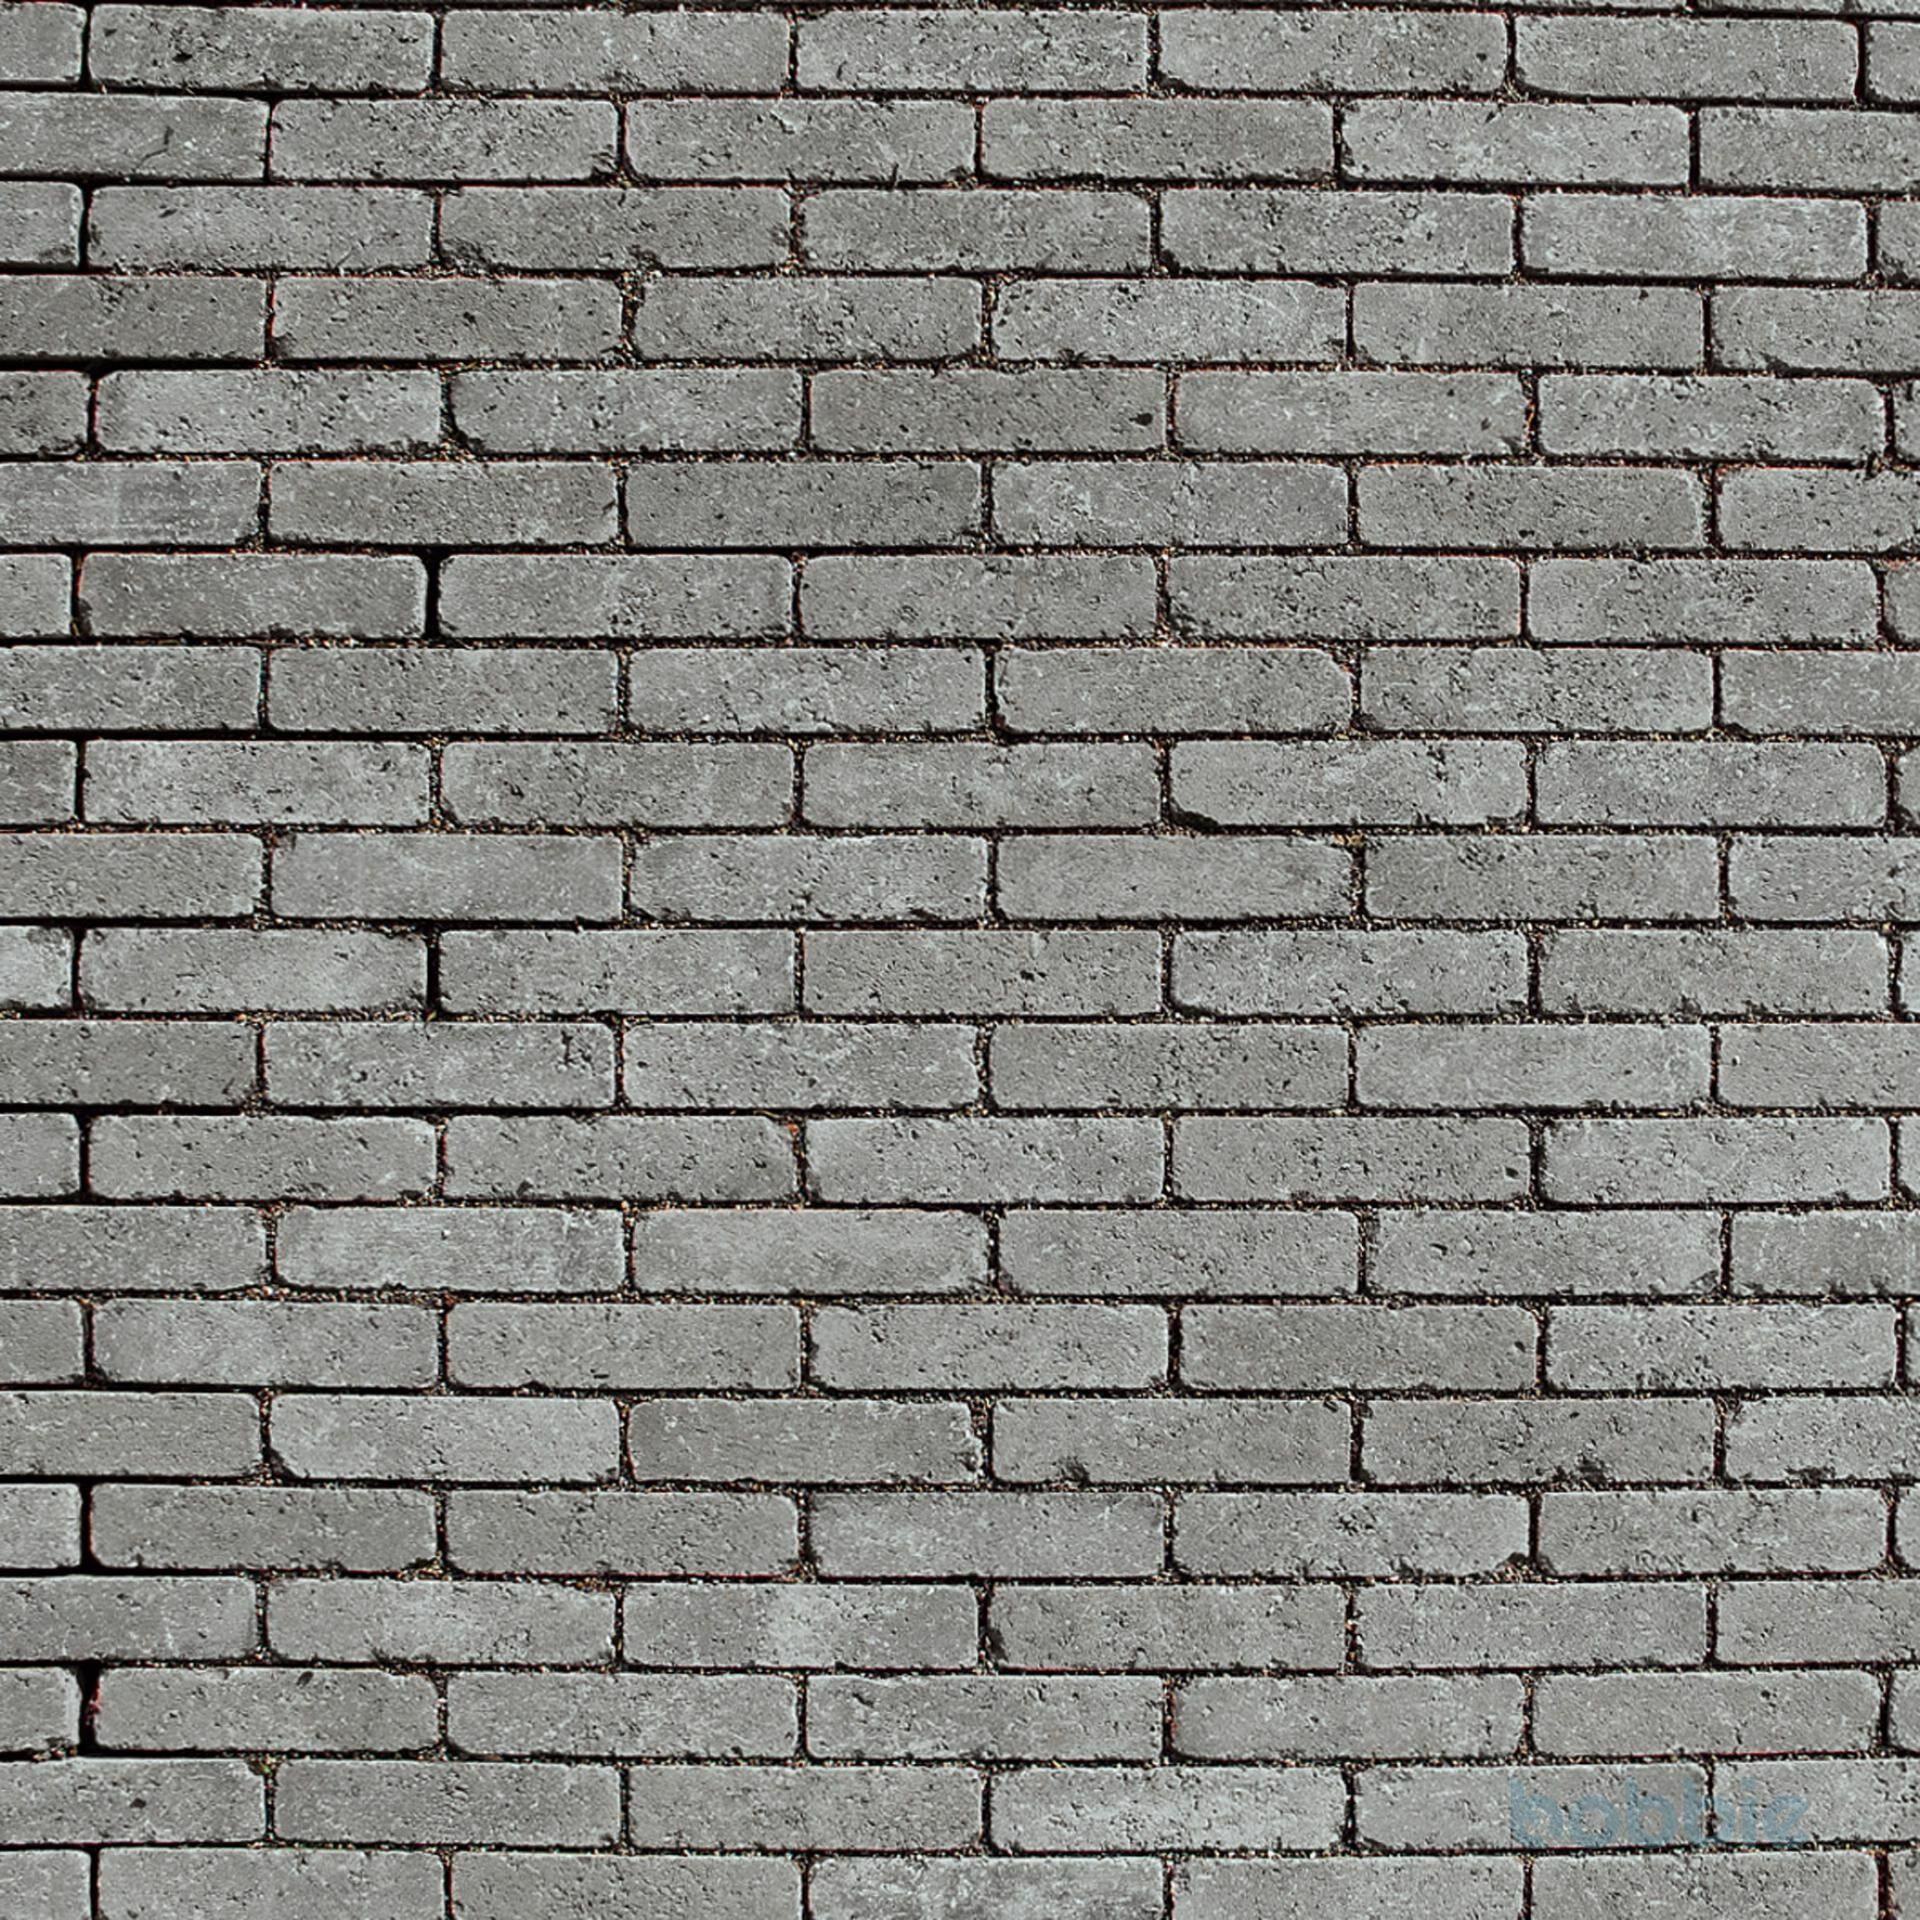 Pflaster, MAURINO® RIEMCHENSTEIN, 206x48,5x70, Anthrazit